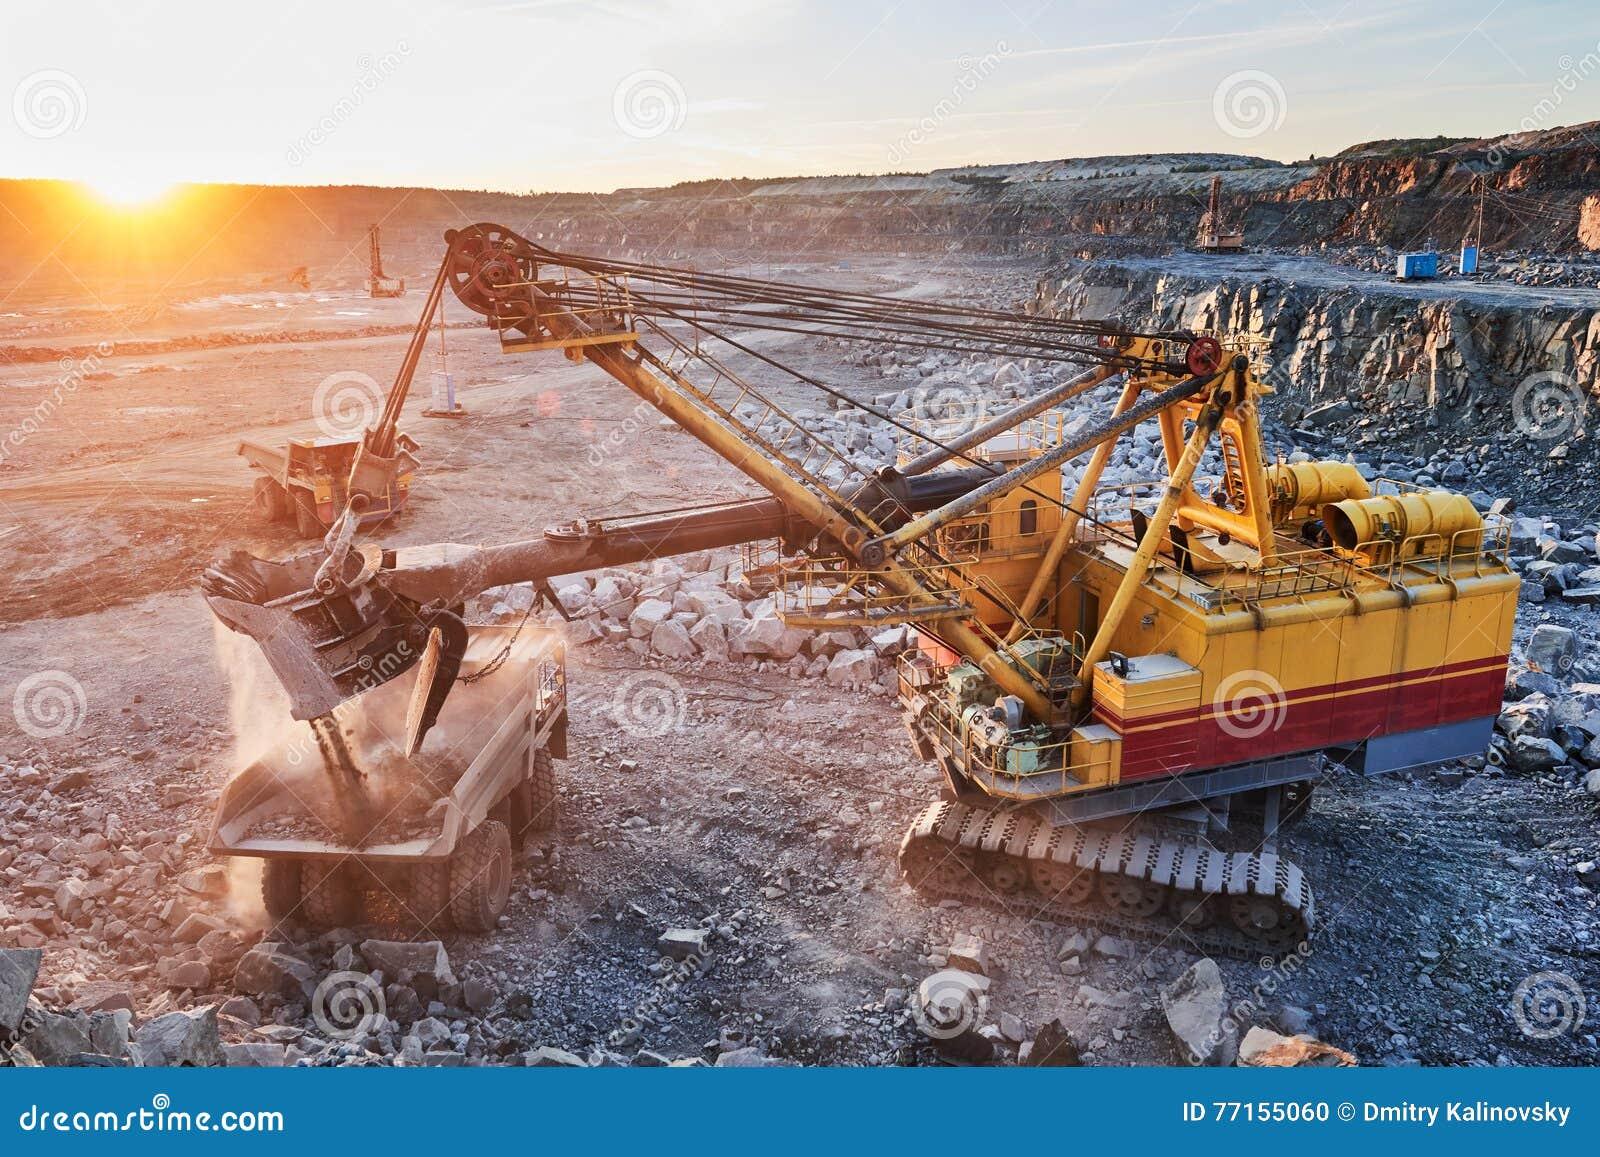 минирование гранит или руда загрузки экскаватора в самосвал